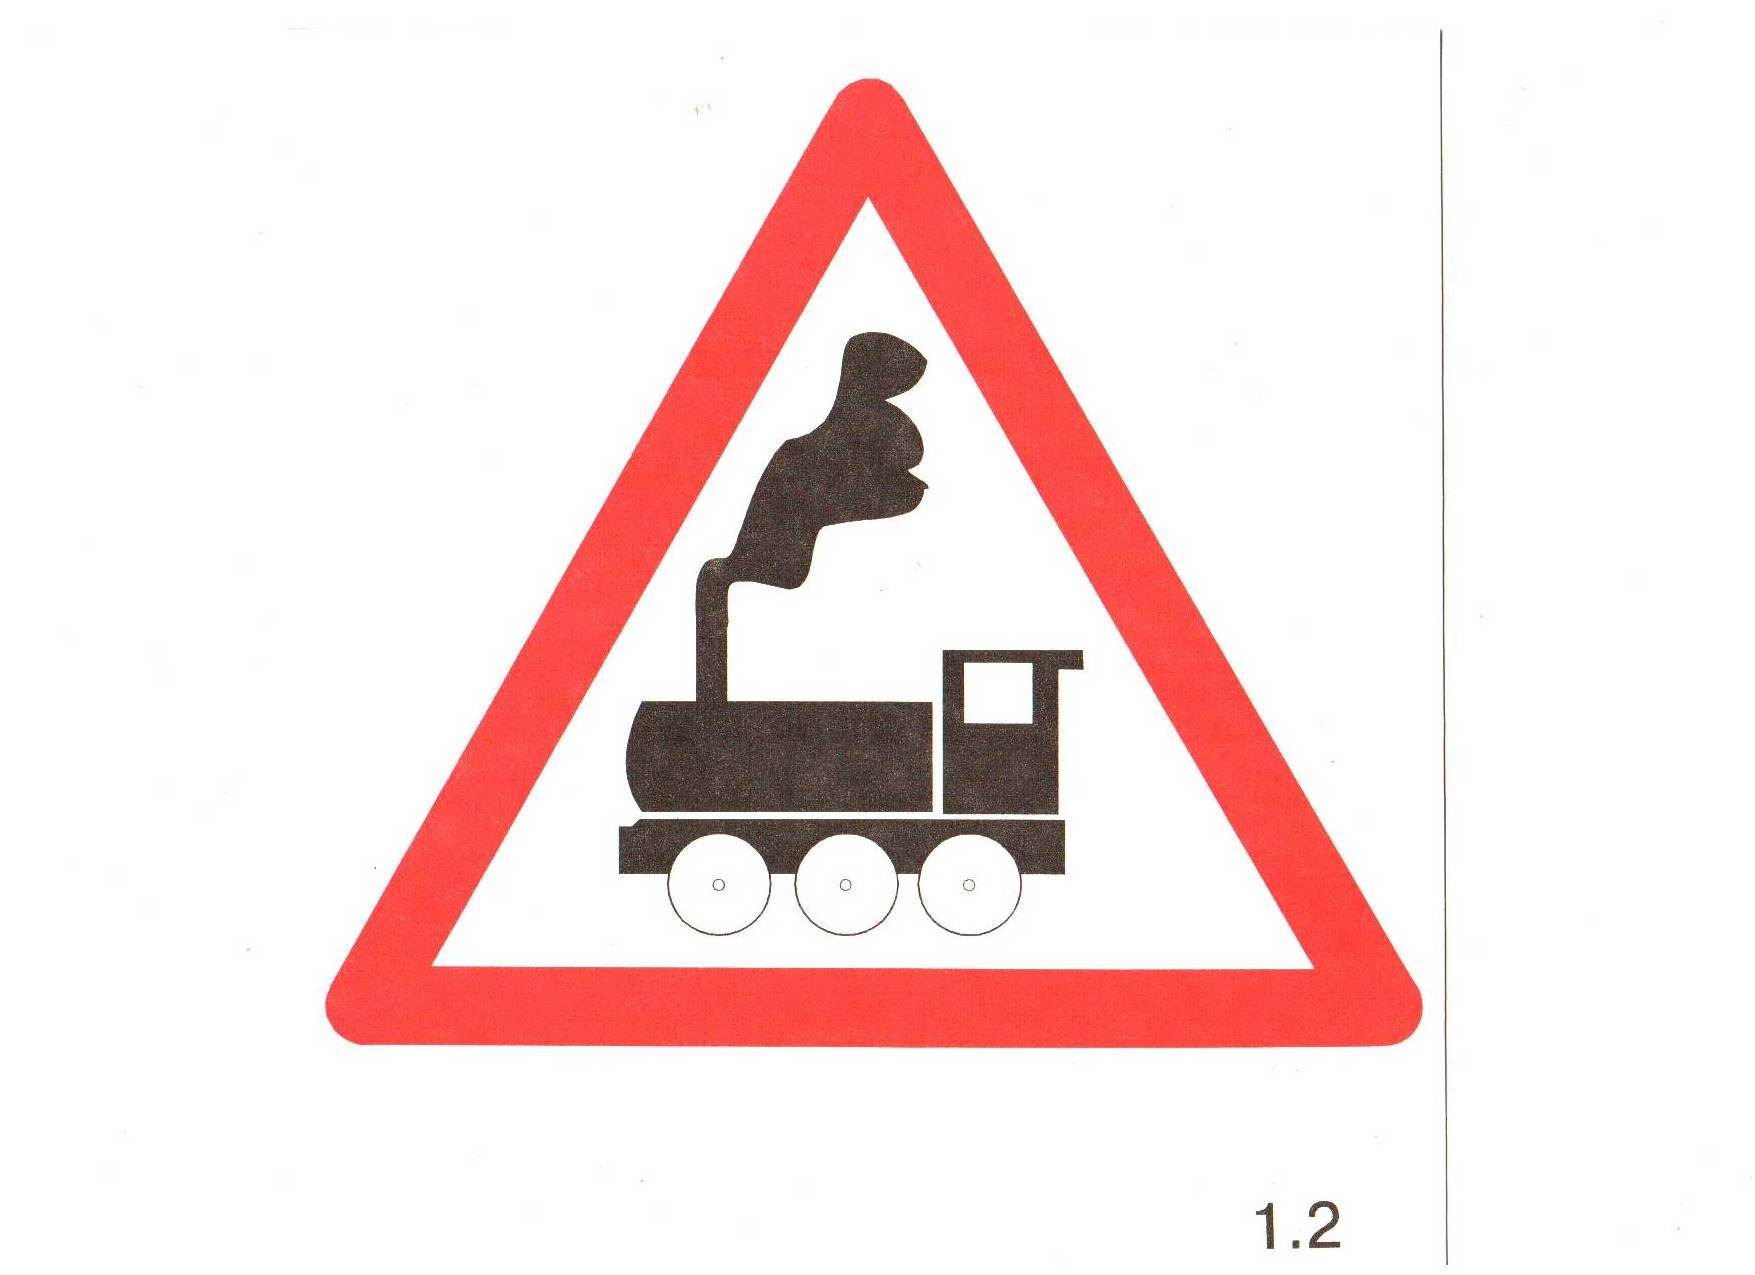 Знак железная дорога картинки для детей